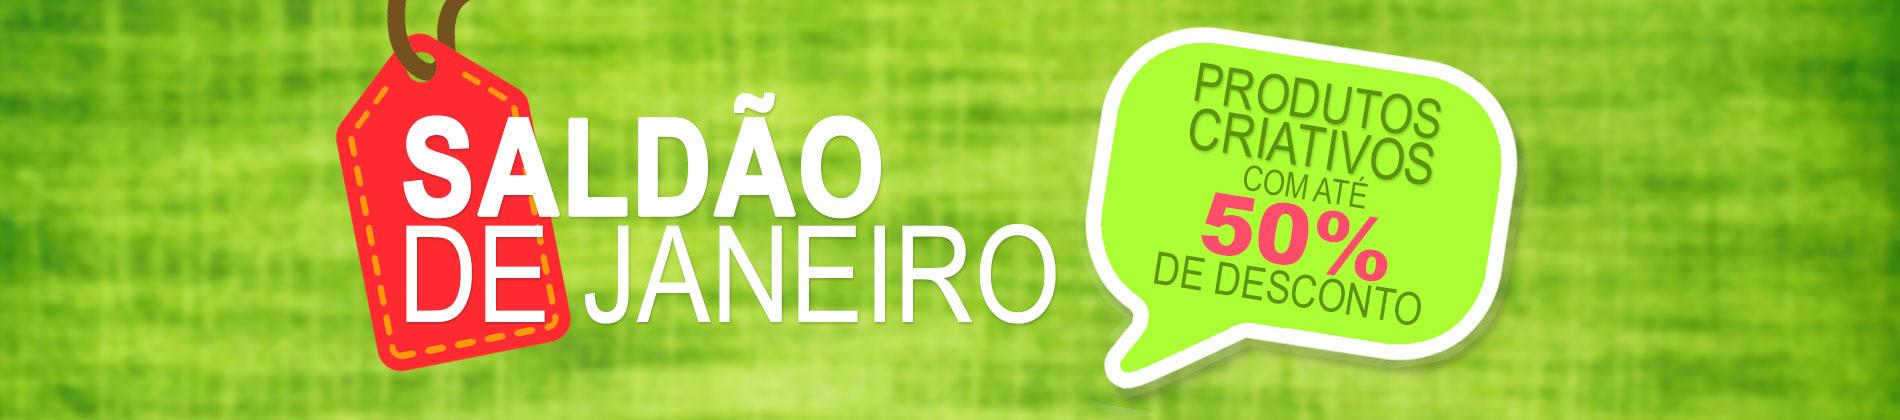 MEGA SALDÃO JANEIRO 2019